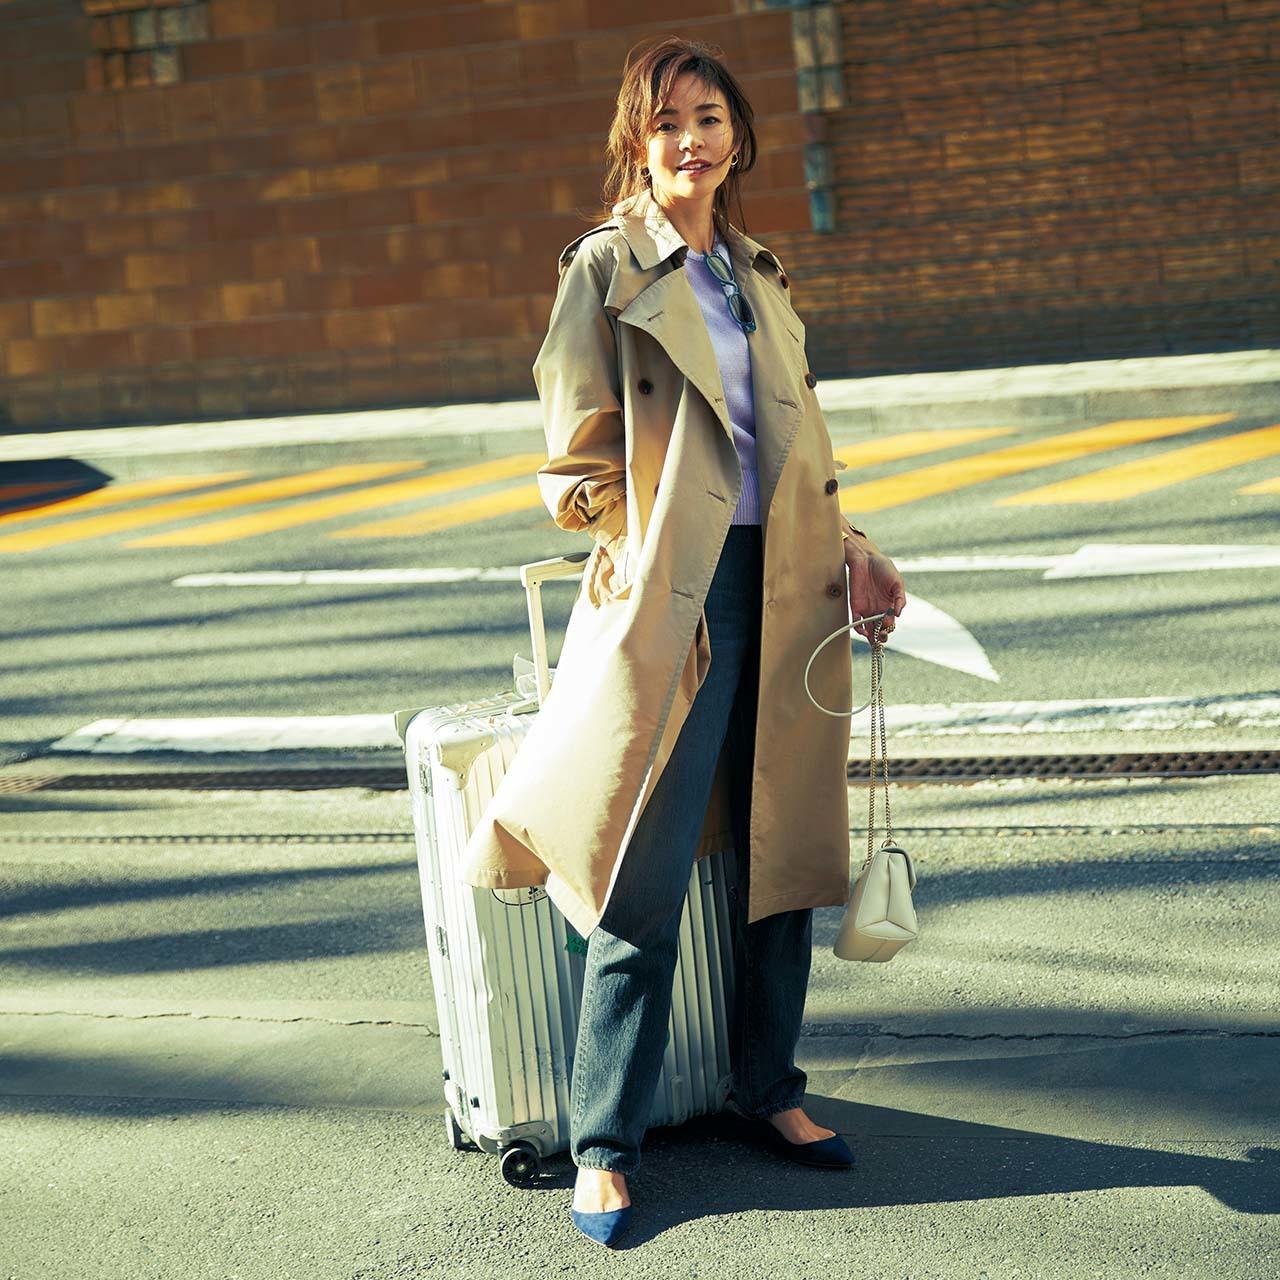 ベージュカラーのトレンチコート×デニムコーデを着たモデルのSHIHOさん